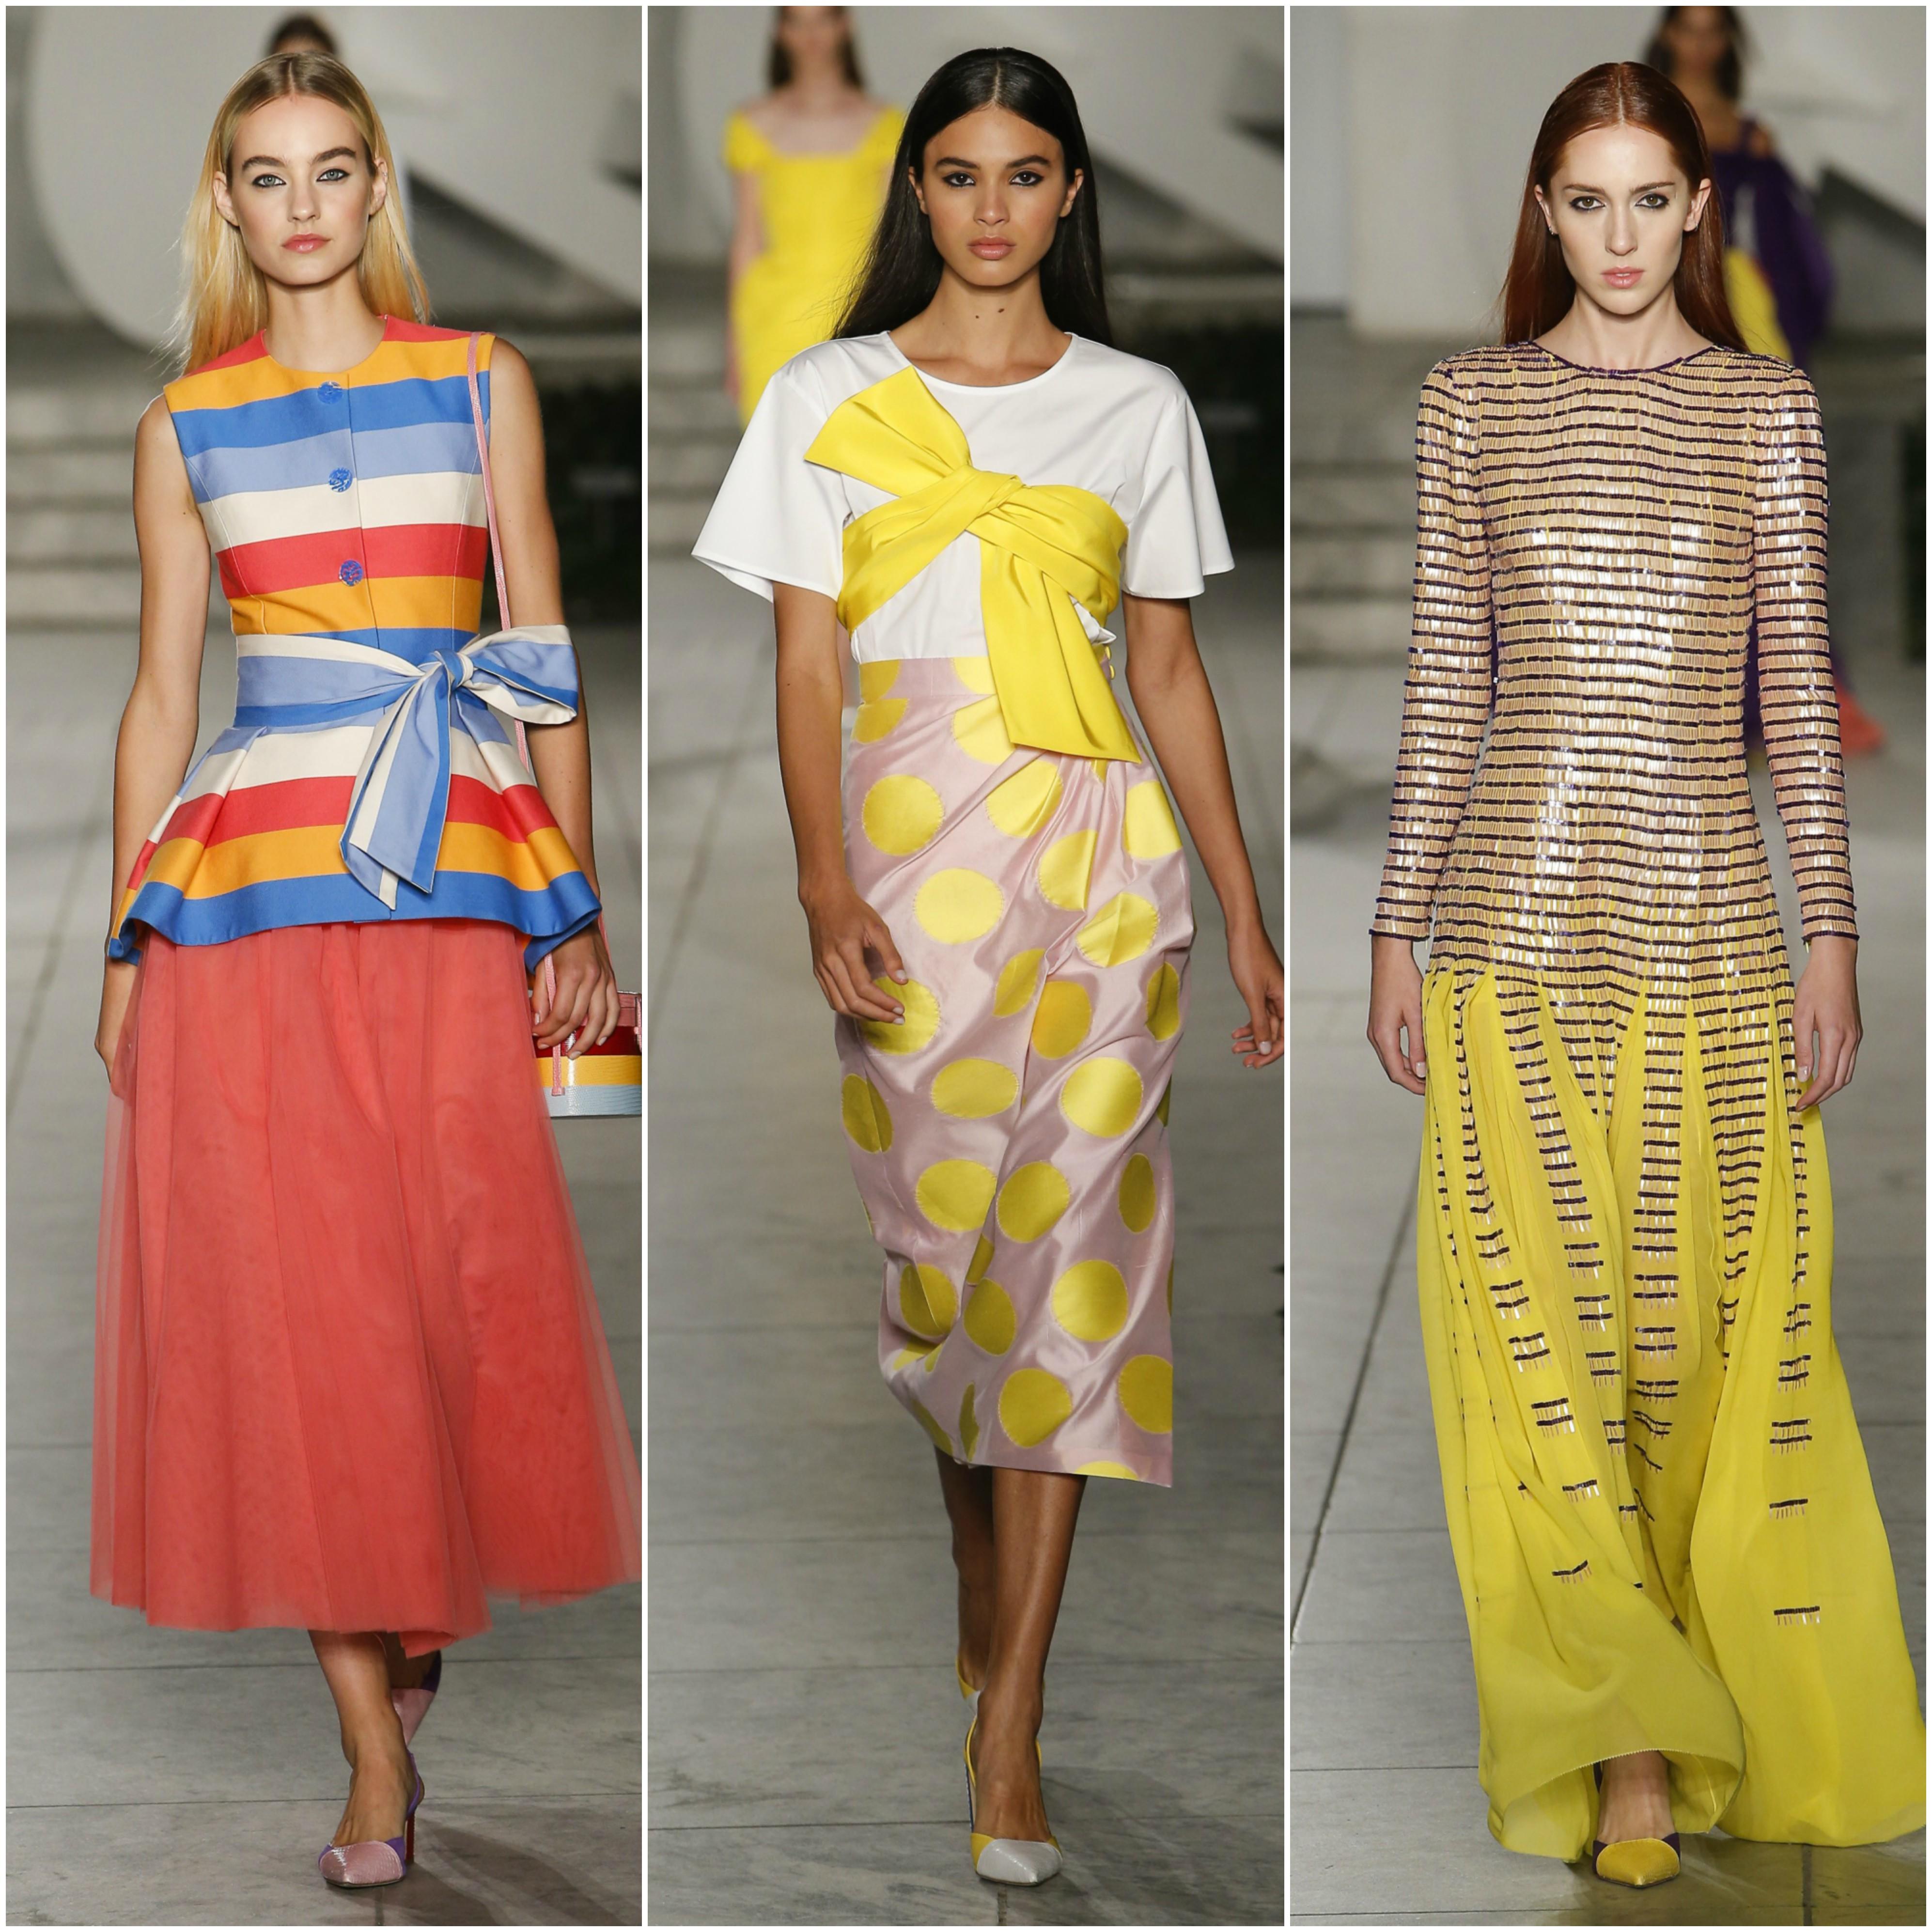 http://www.carolinaherrera.com/, dressedbytia.com, Tia Stankova, Stylist